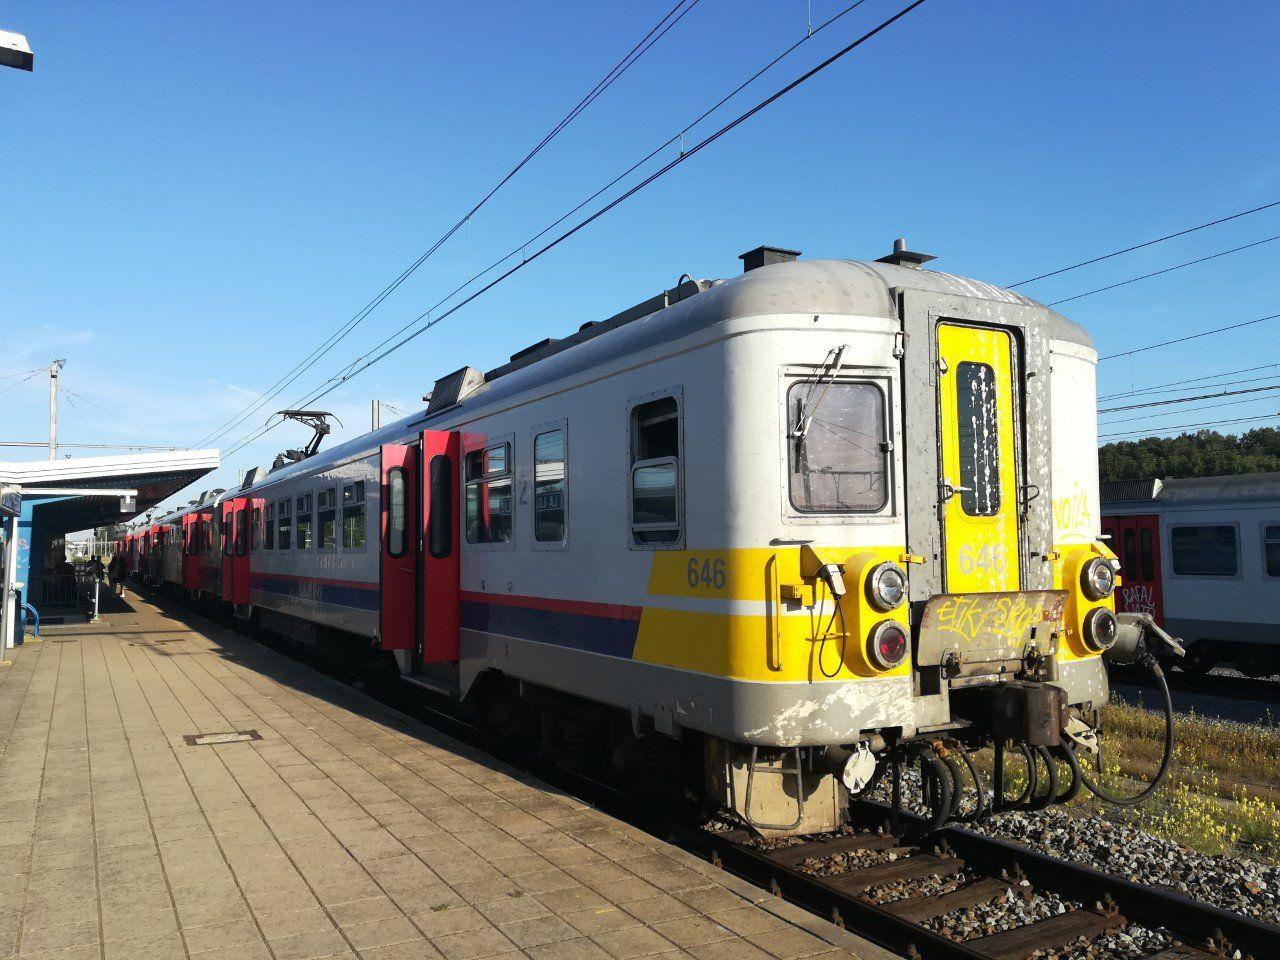 Hittegolven: het openbaar vervoer snakt naar investeringen in modern materieel